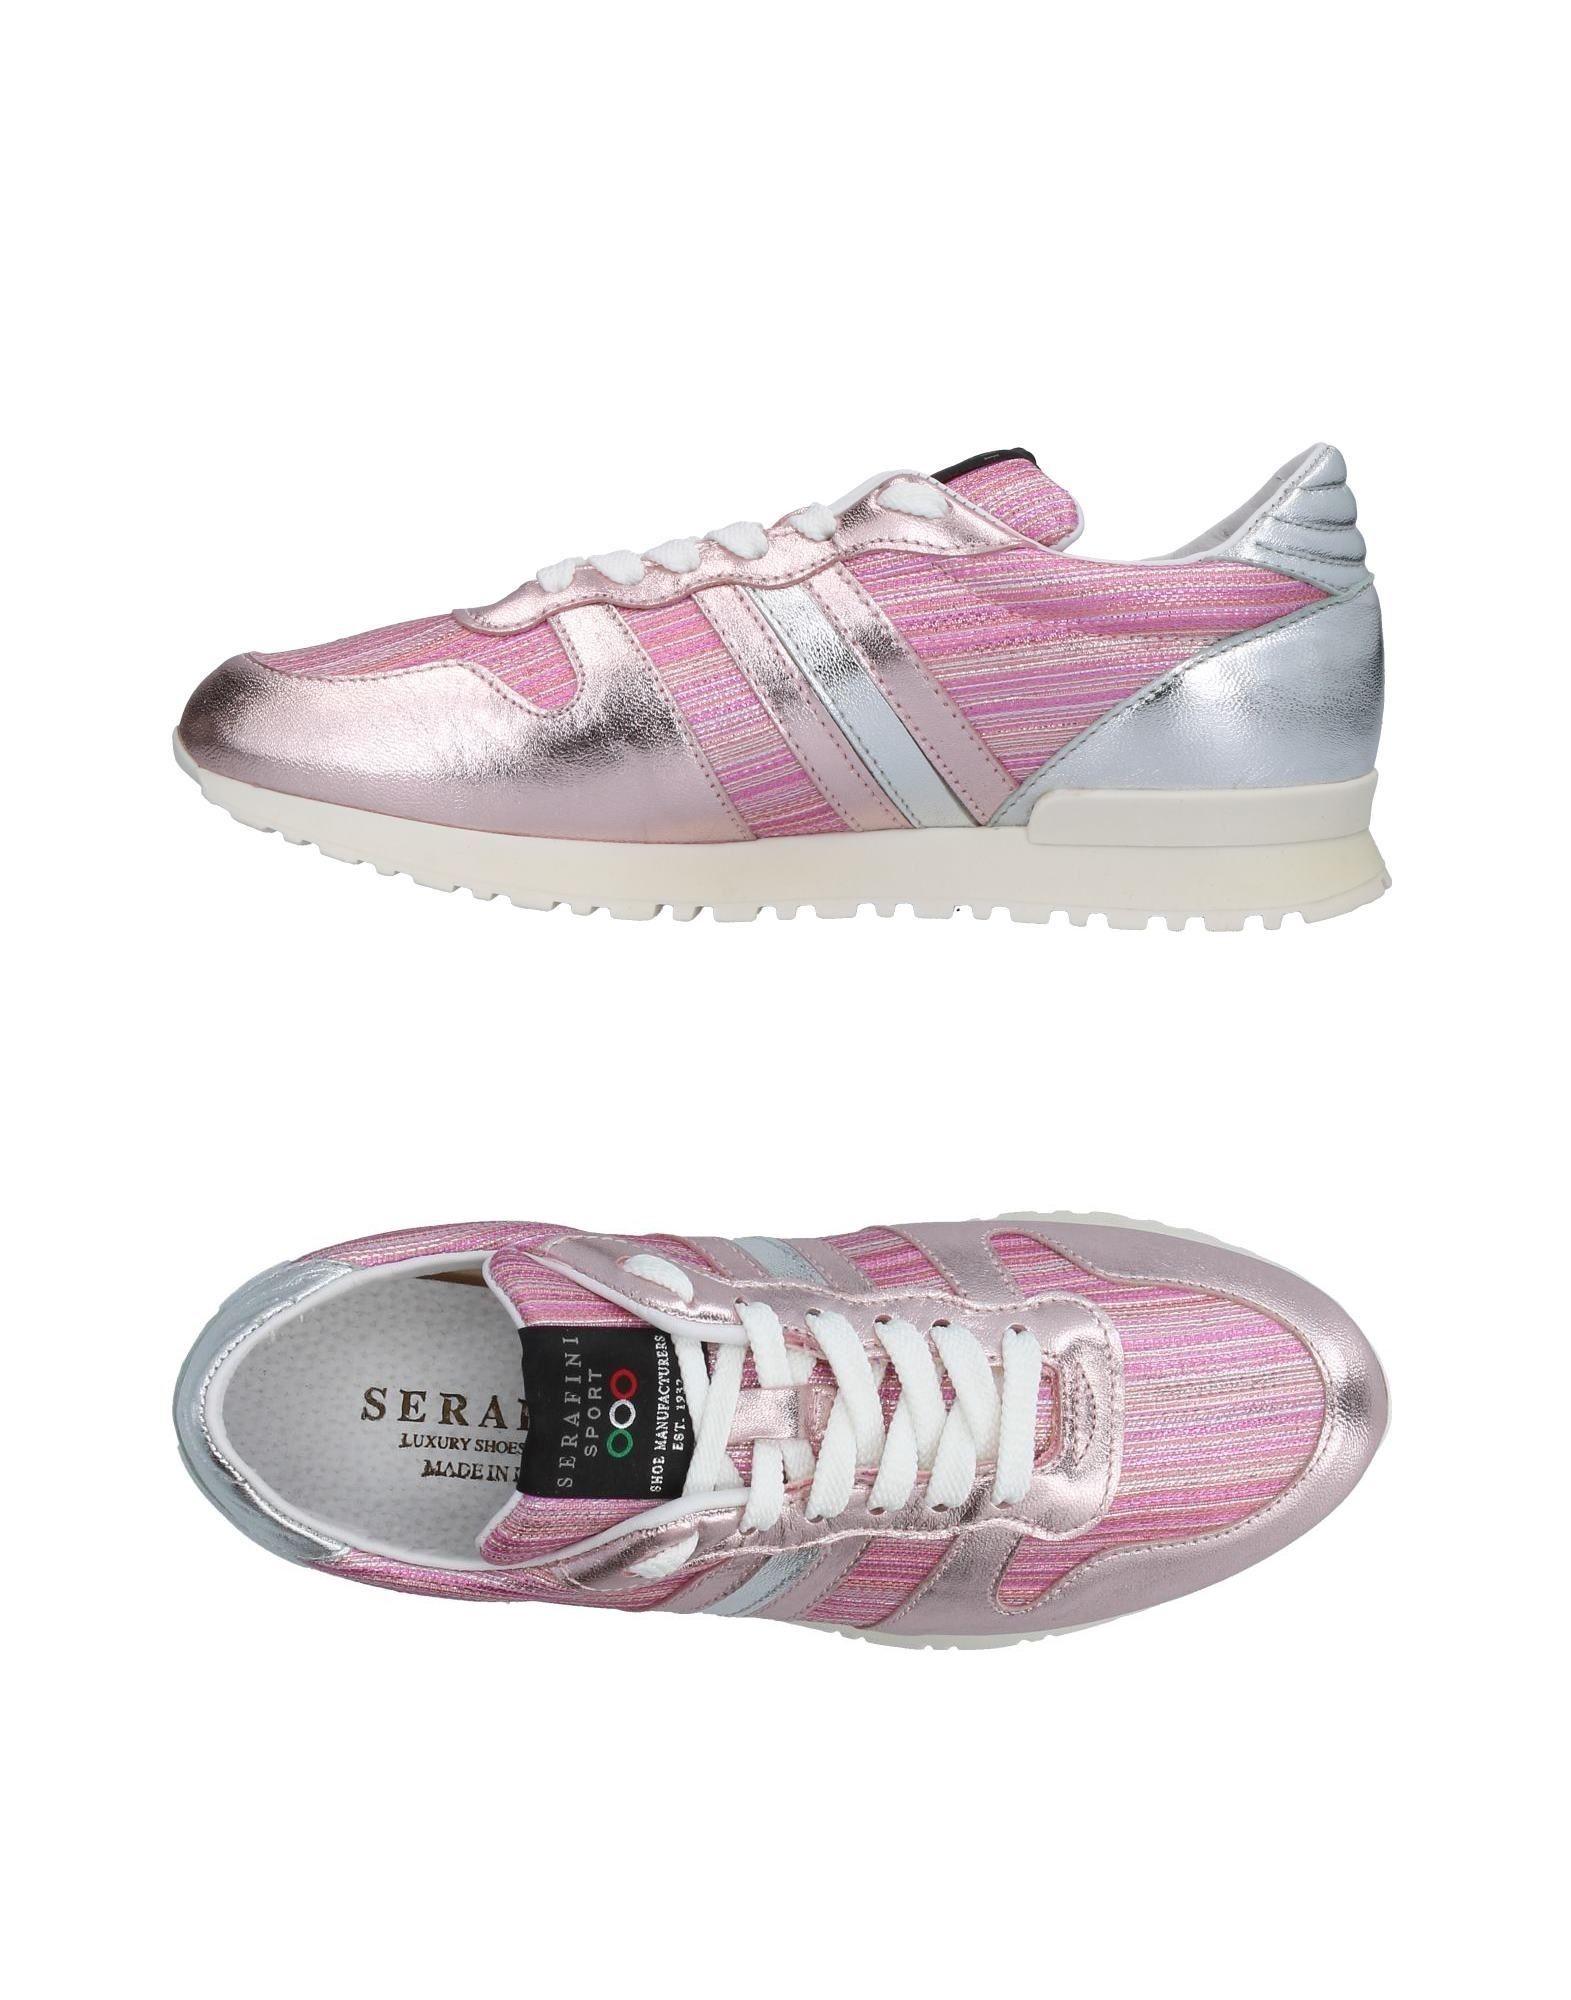 SERAFINI LUXURY Damen Low Sneakers & Tennisschuhe Farbe Rosa Größe 9 - broschei